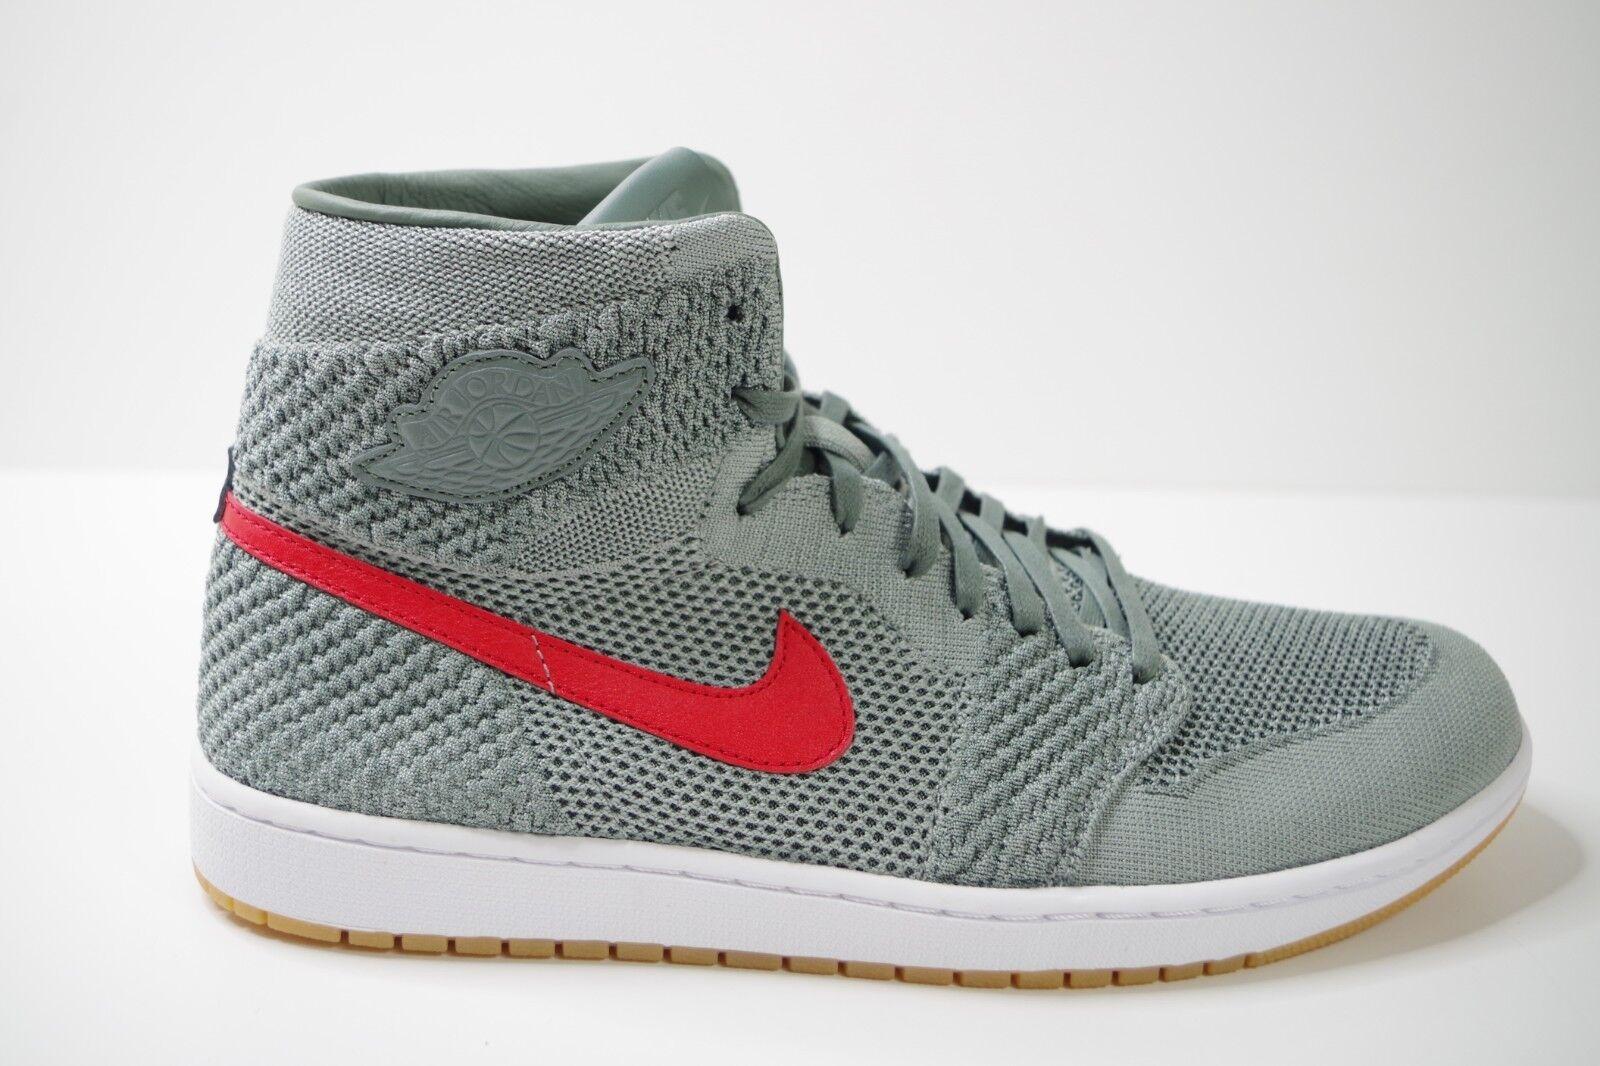 the latest 79159 a6a6f Nike Air Jordan 1 Retro Hi Flyknit CLAY Taglia Taglia Taglia EUR 47.5 US 13 919704  333 | prezzo al minuto | Uomo/Donna Scarpa 1afcf8